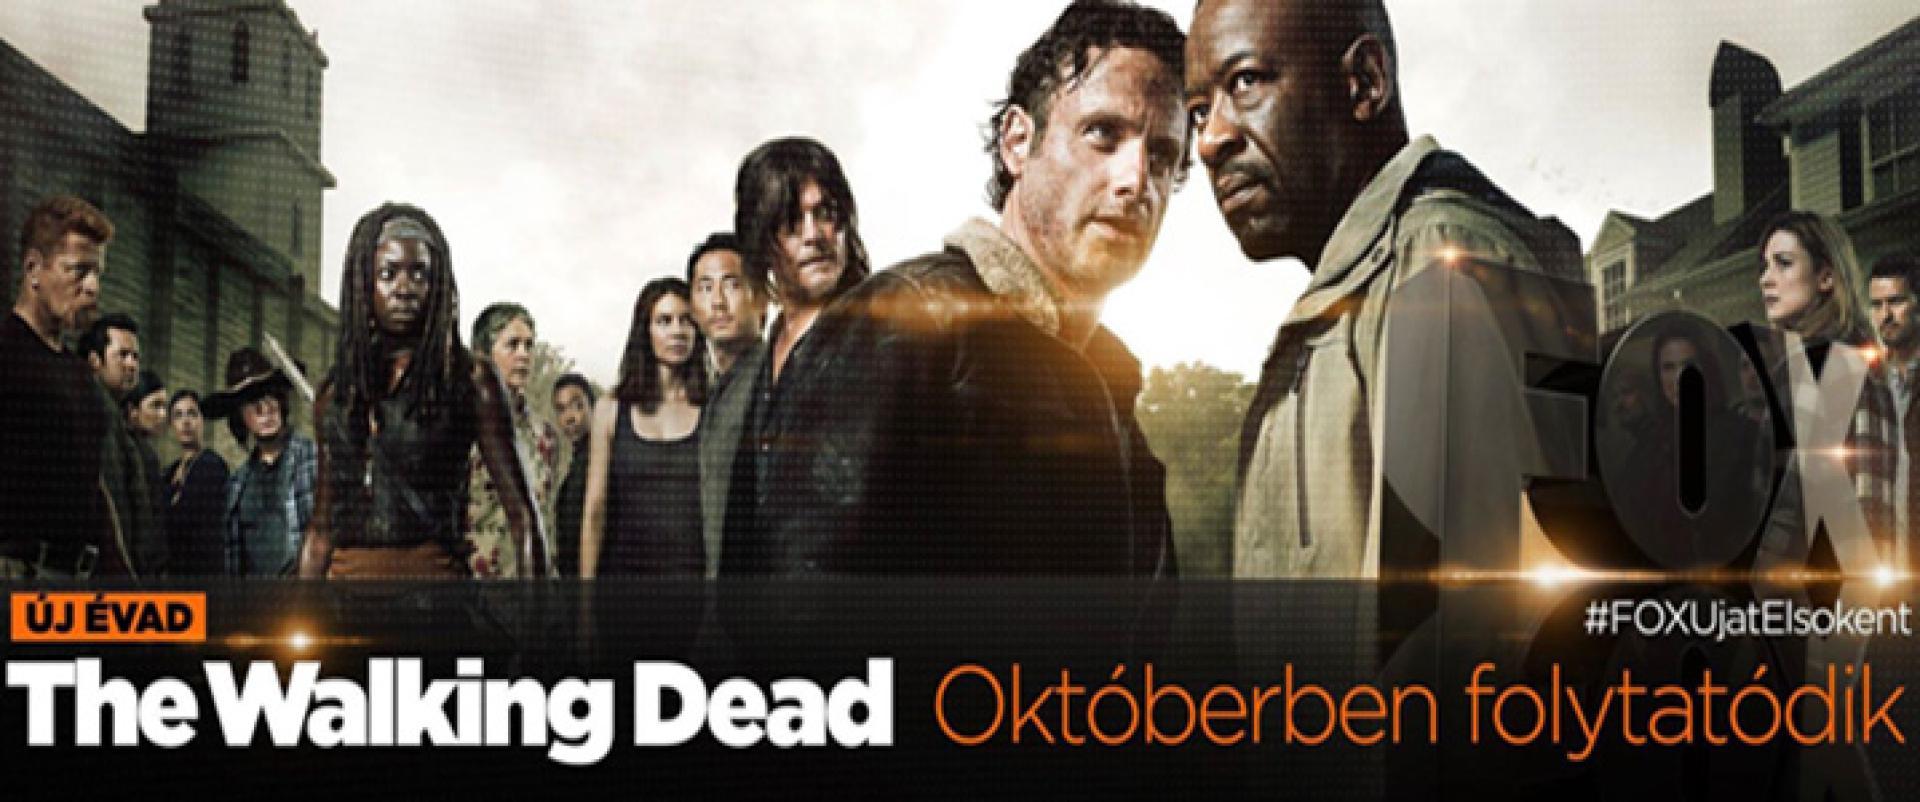 The Walking Dead, 6. évad: két ütős zombifotó